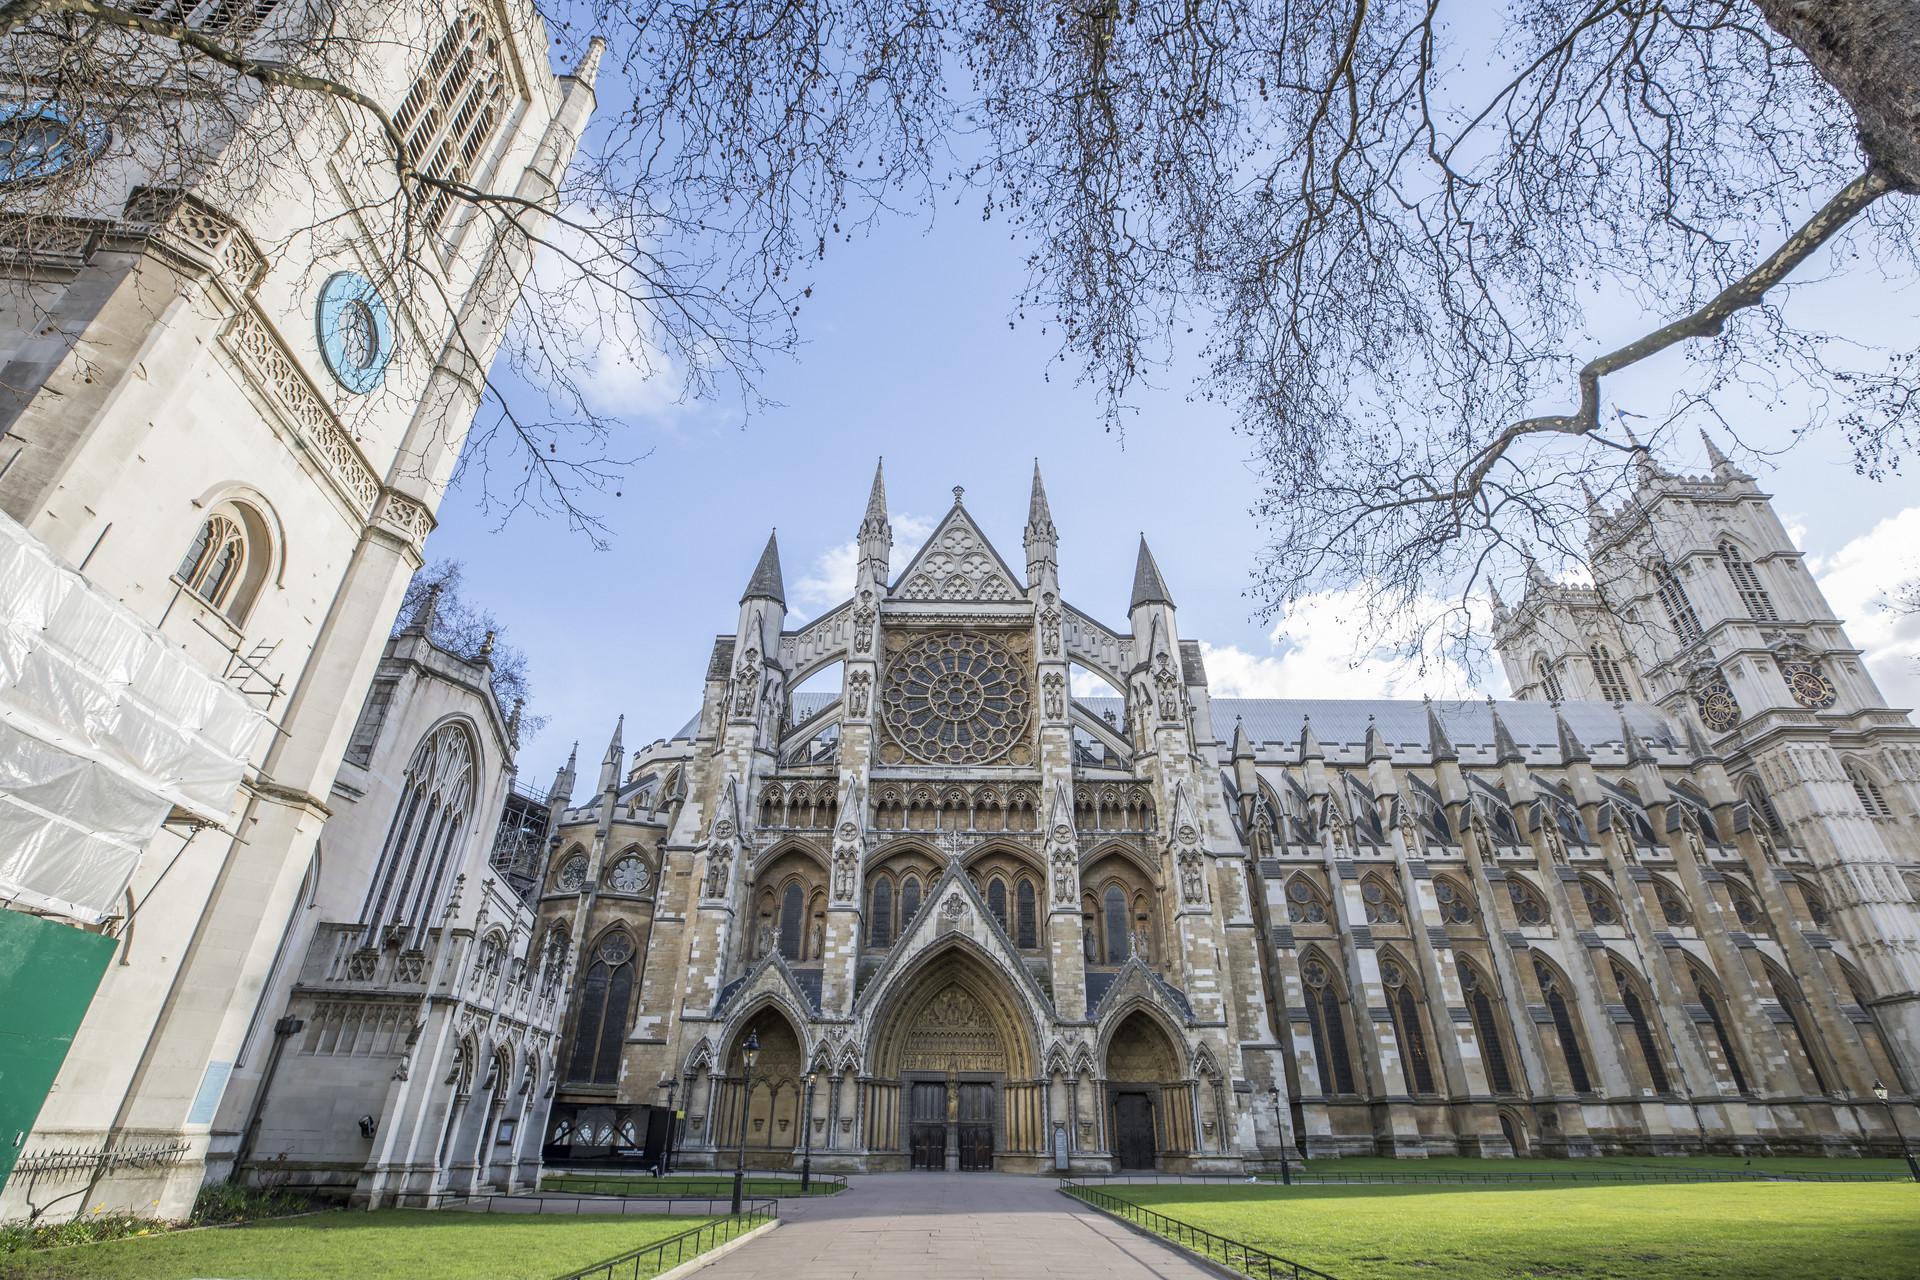 【超值 英国深度】<英国一地双大学湖区9天游>牛津+剑桥双大学